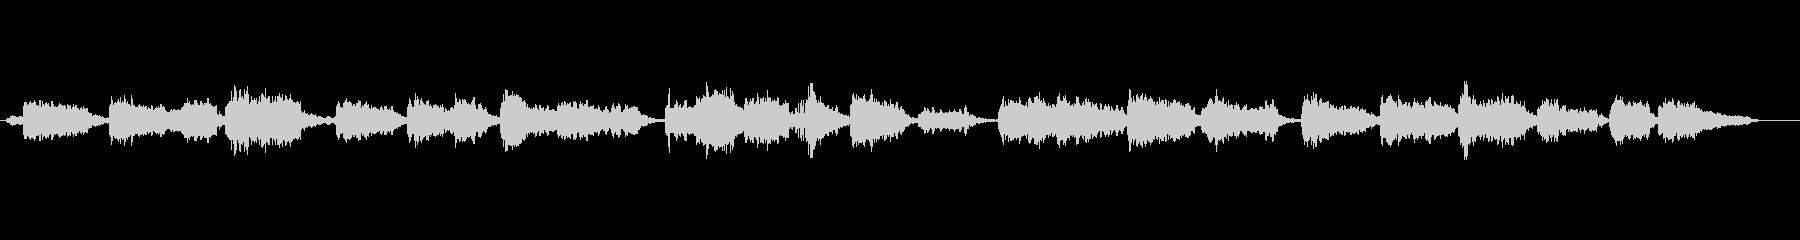 クラシック調の朝の目覚めの音楽の未再生の波形